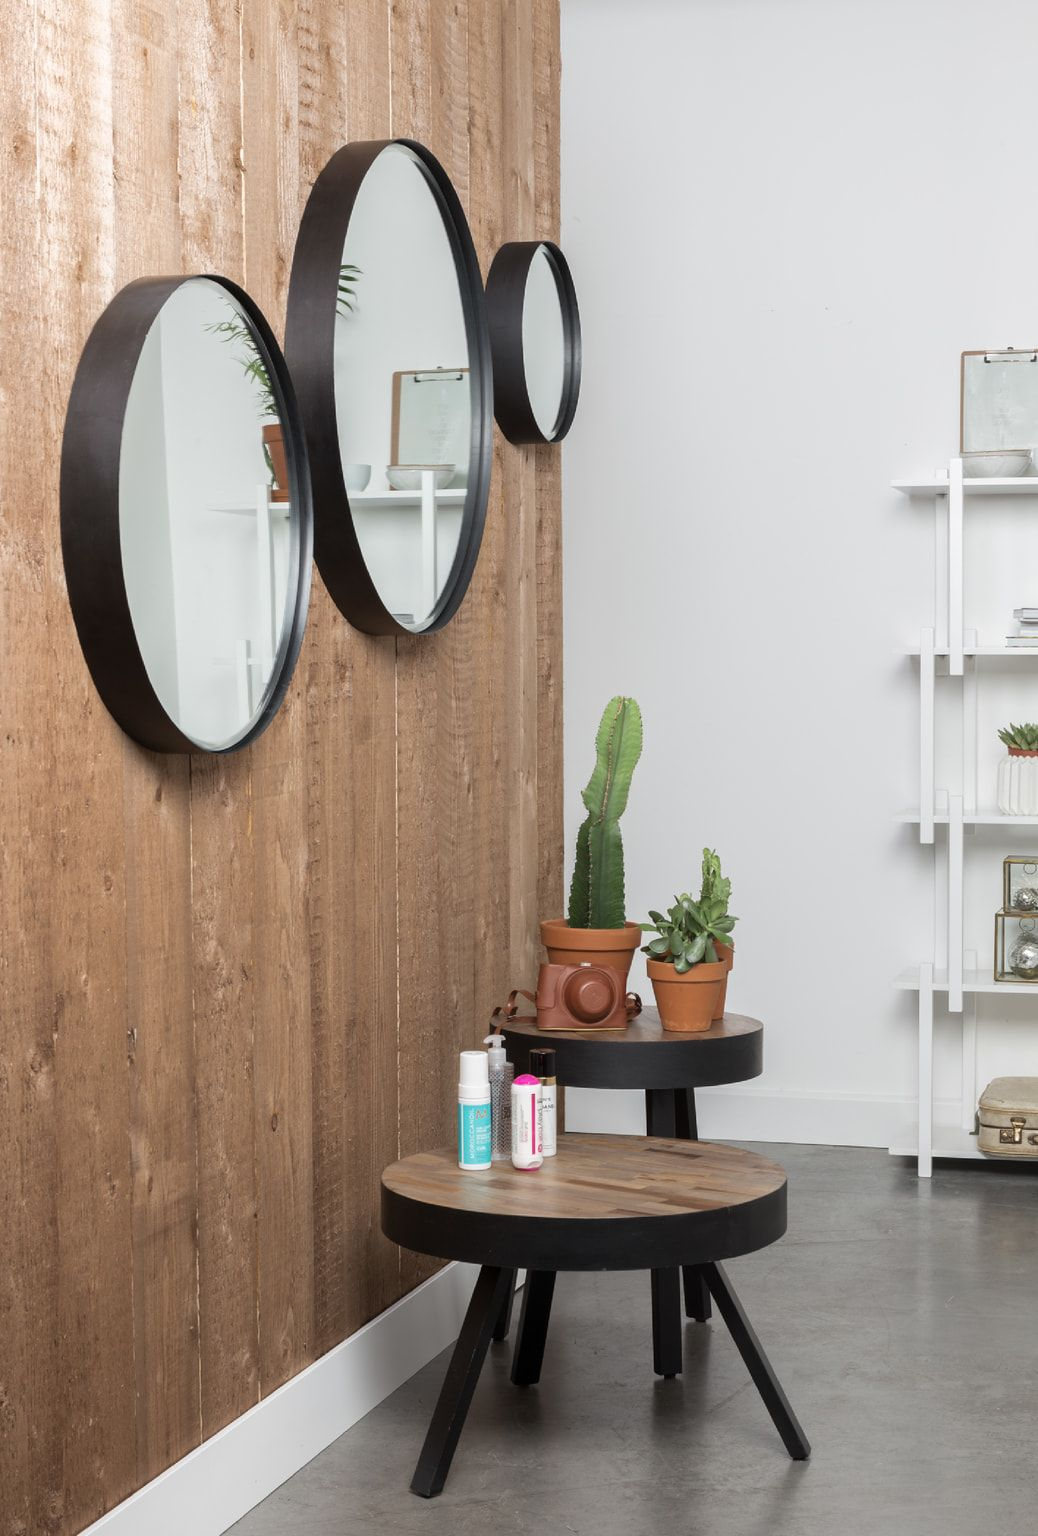 Uitgelezene ZILT Ronde Spiegel 'Sal' zwart metaal | Ronde spiegels, Moderne UU-41